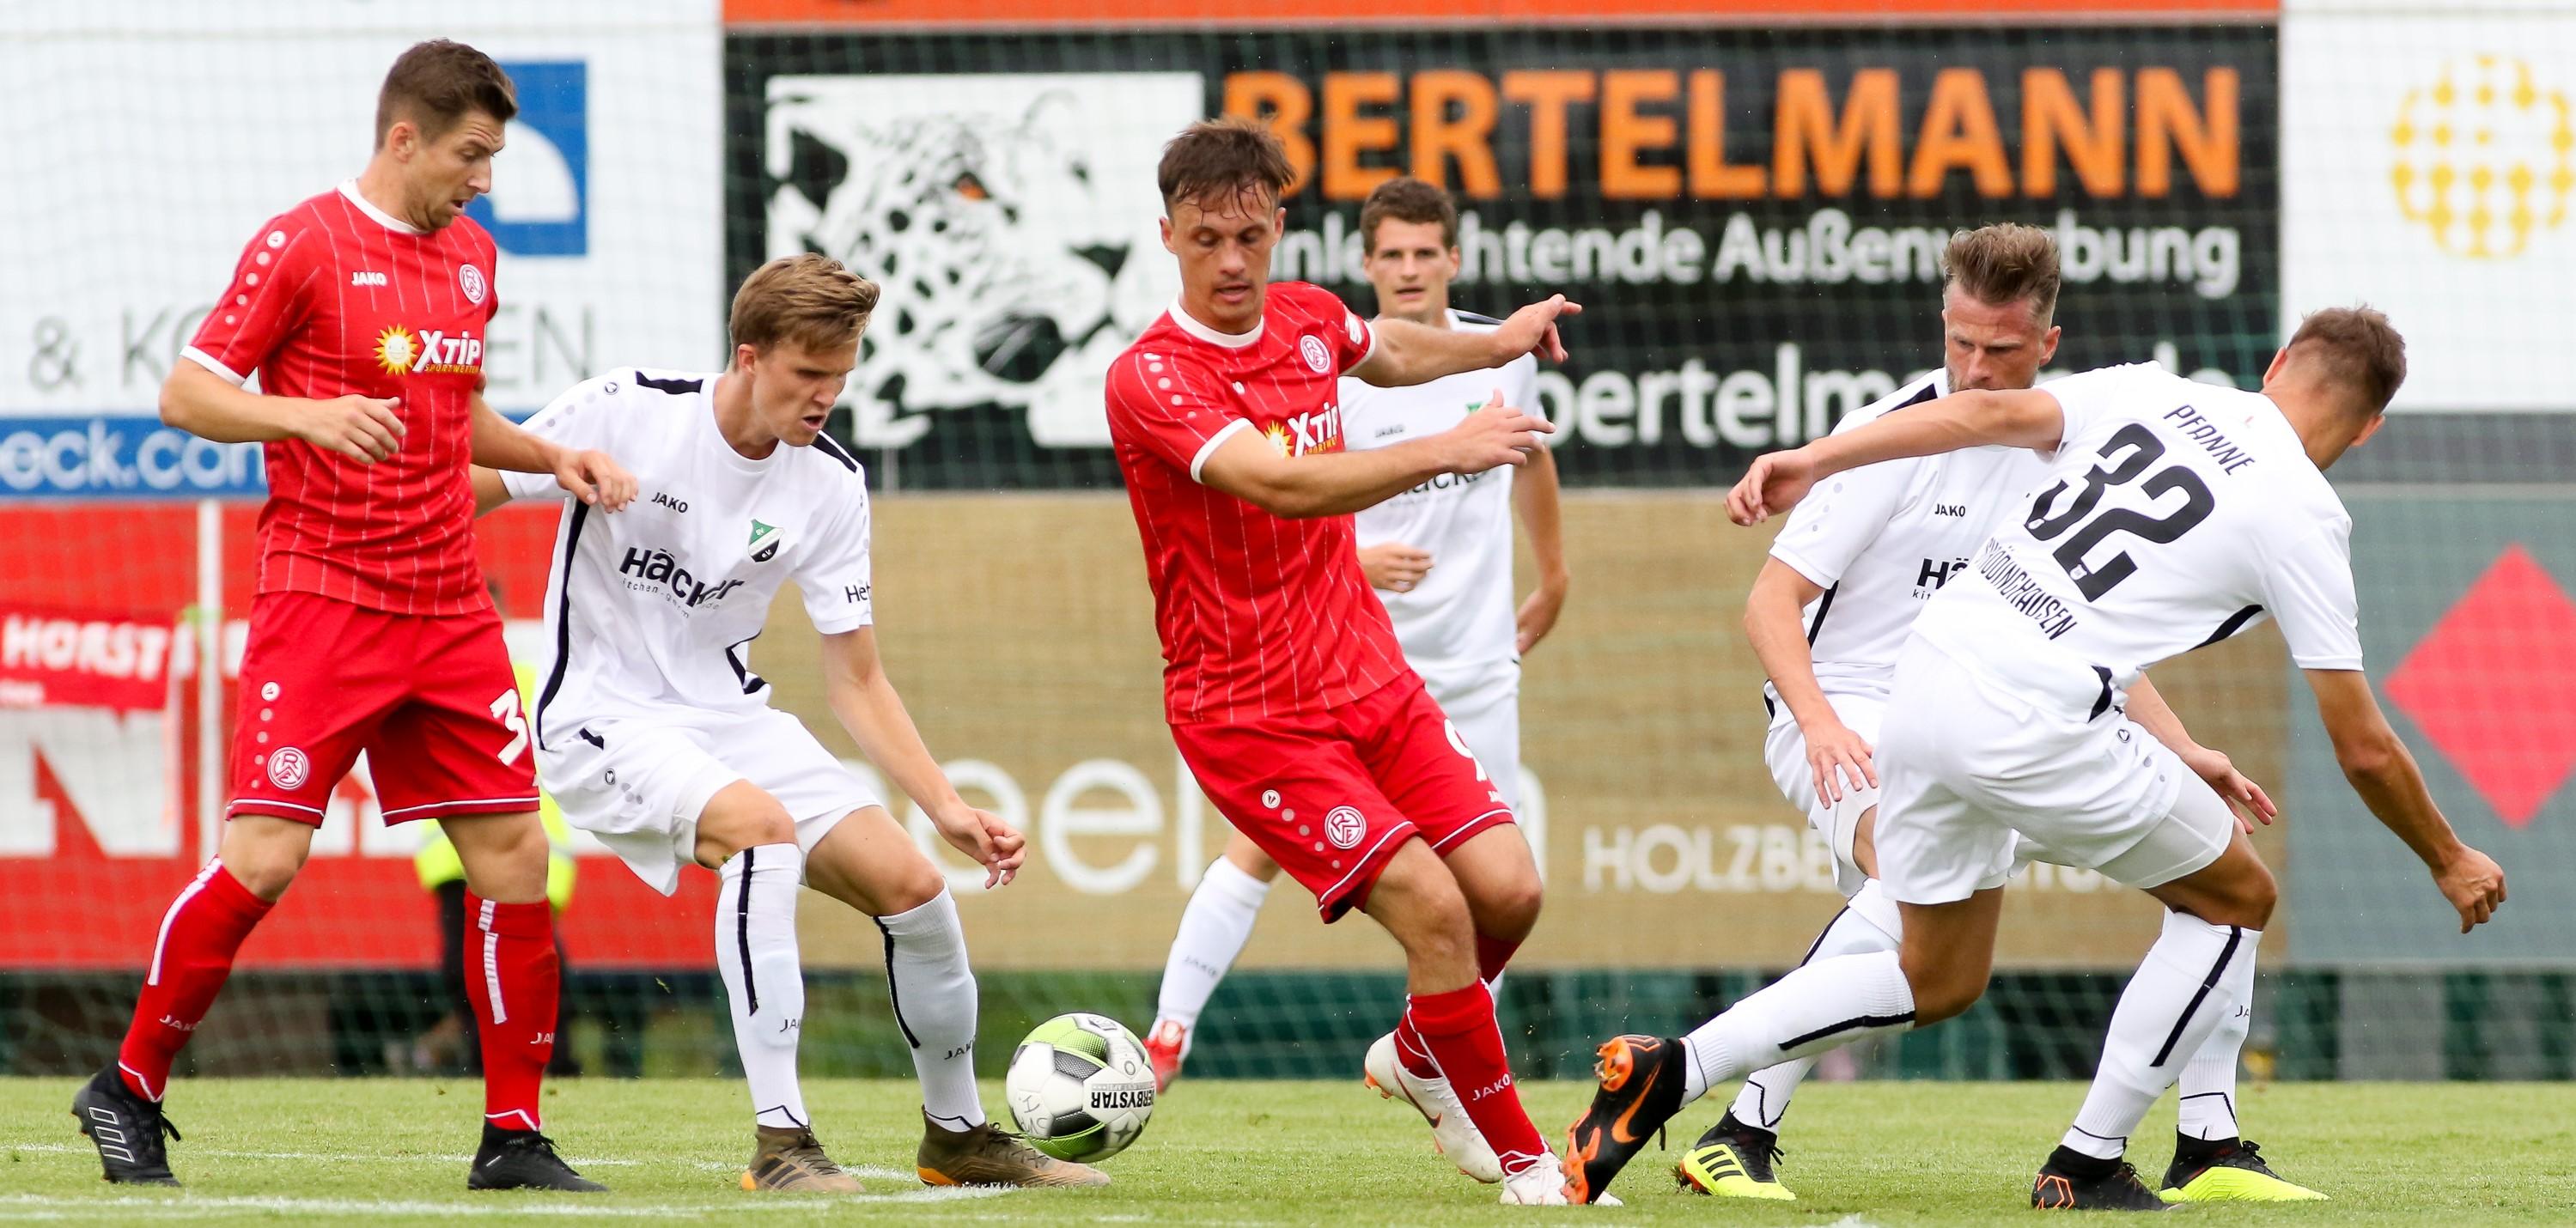 Im Hinspiel unterlagen die Rot-Weissen knapp mit 1:2. (Foto: Endberg)